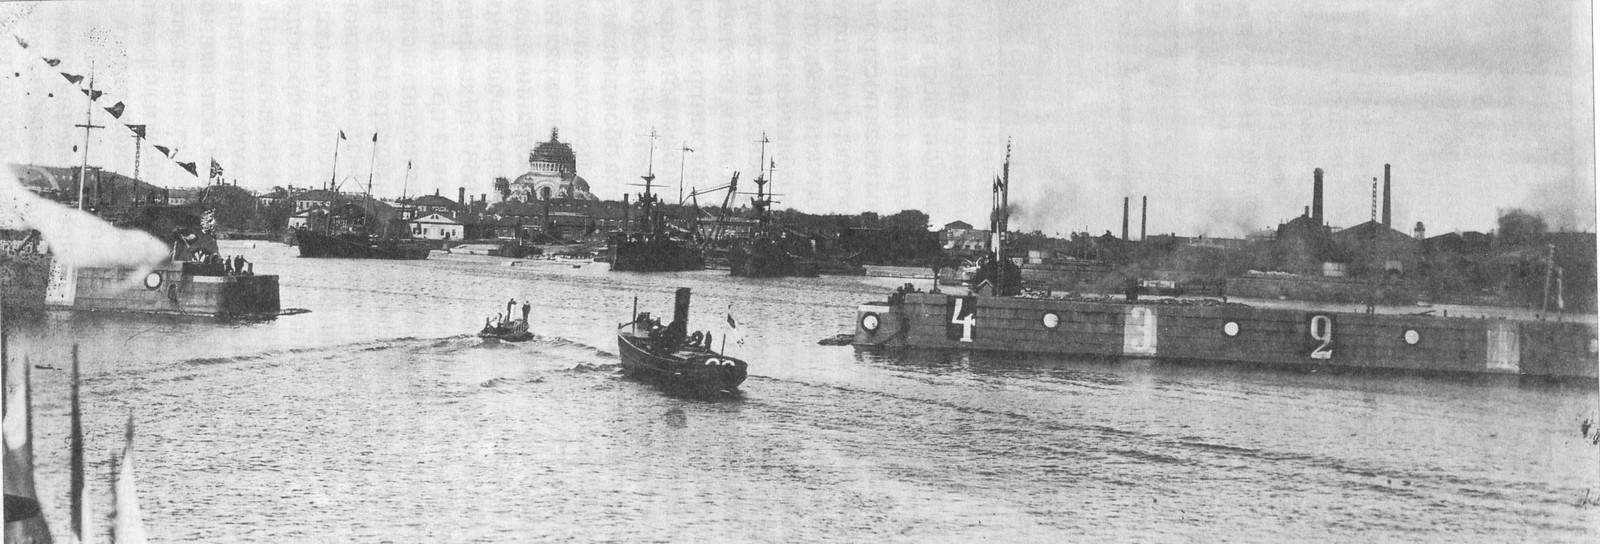 1913. Вход в Петровскую гавань. Кронштадт